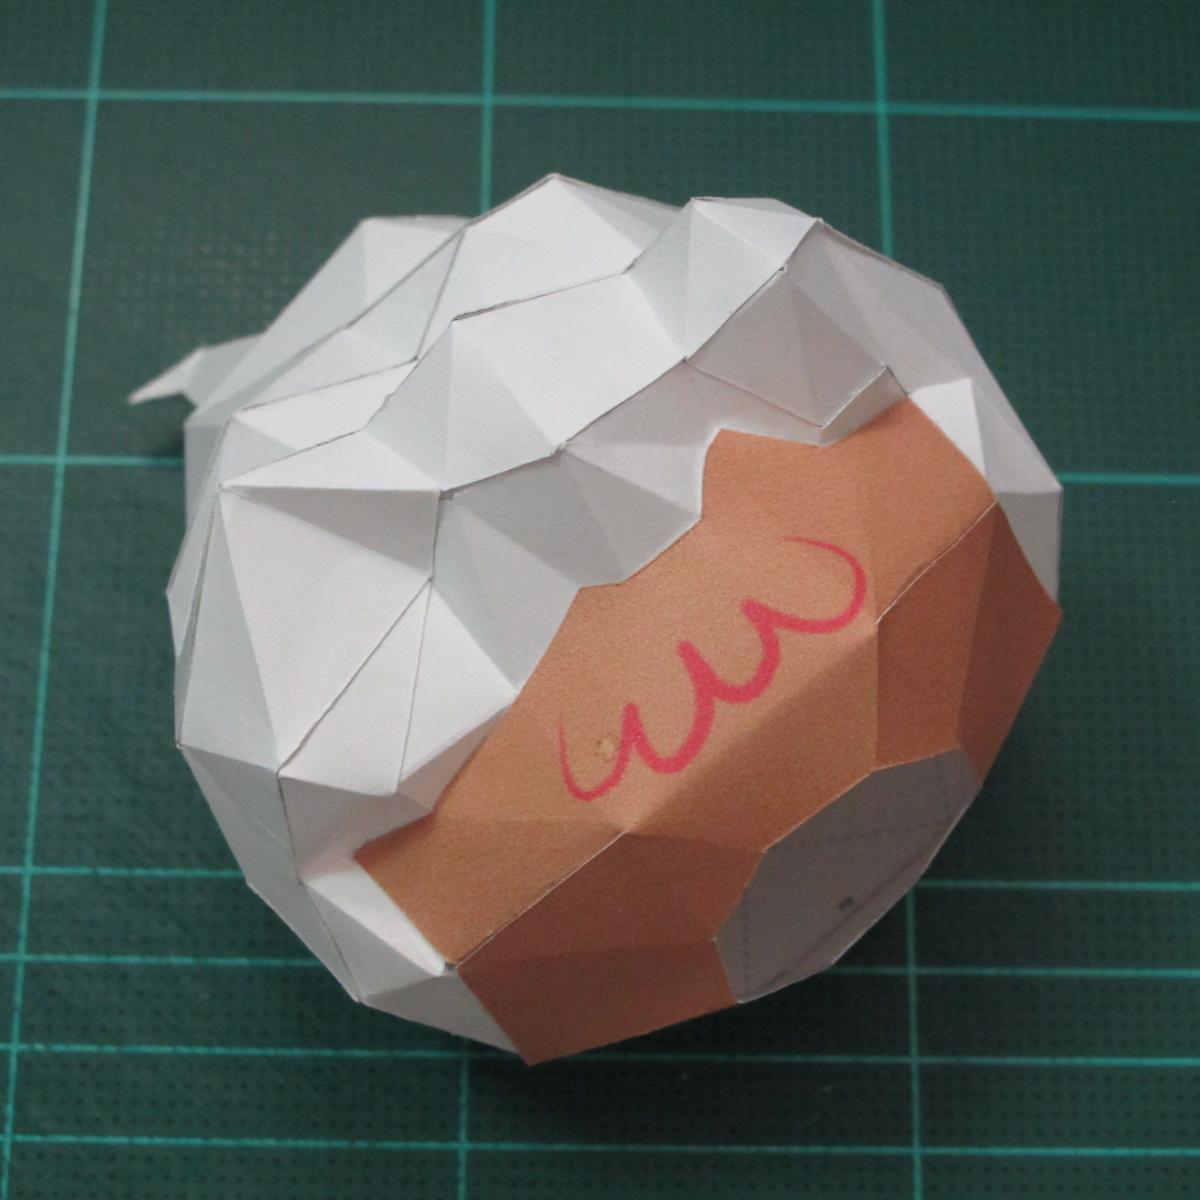 วิธีทำโมเดลกระดาษคุกกี้รสคุกกี้แอนด์ครีม  (Cookie Run Cream Cookie Papercraft Model) 008